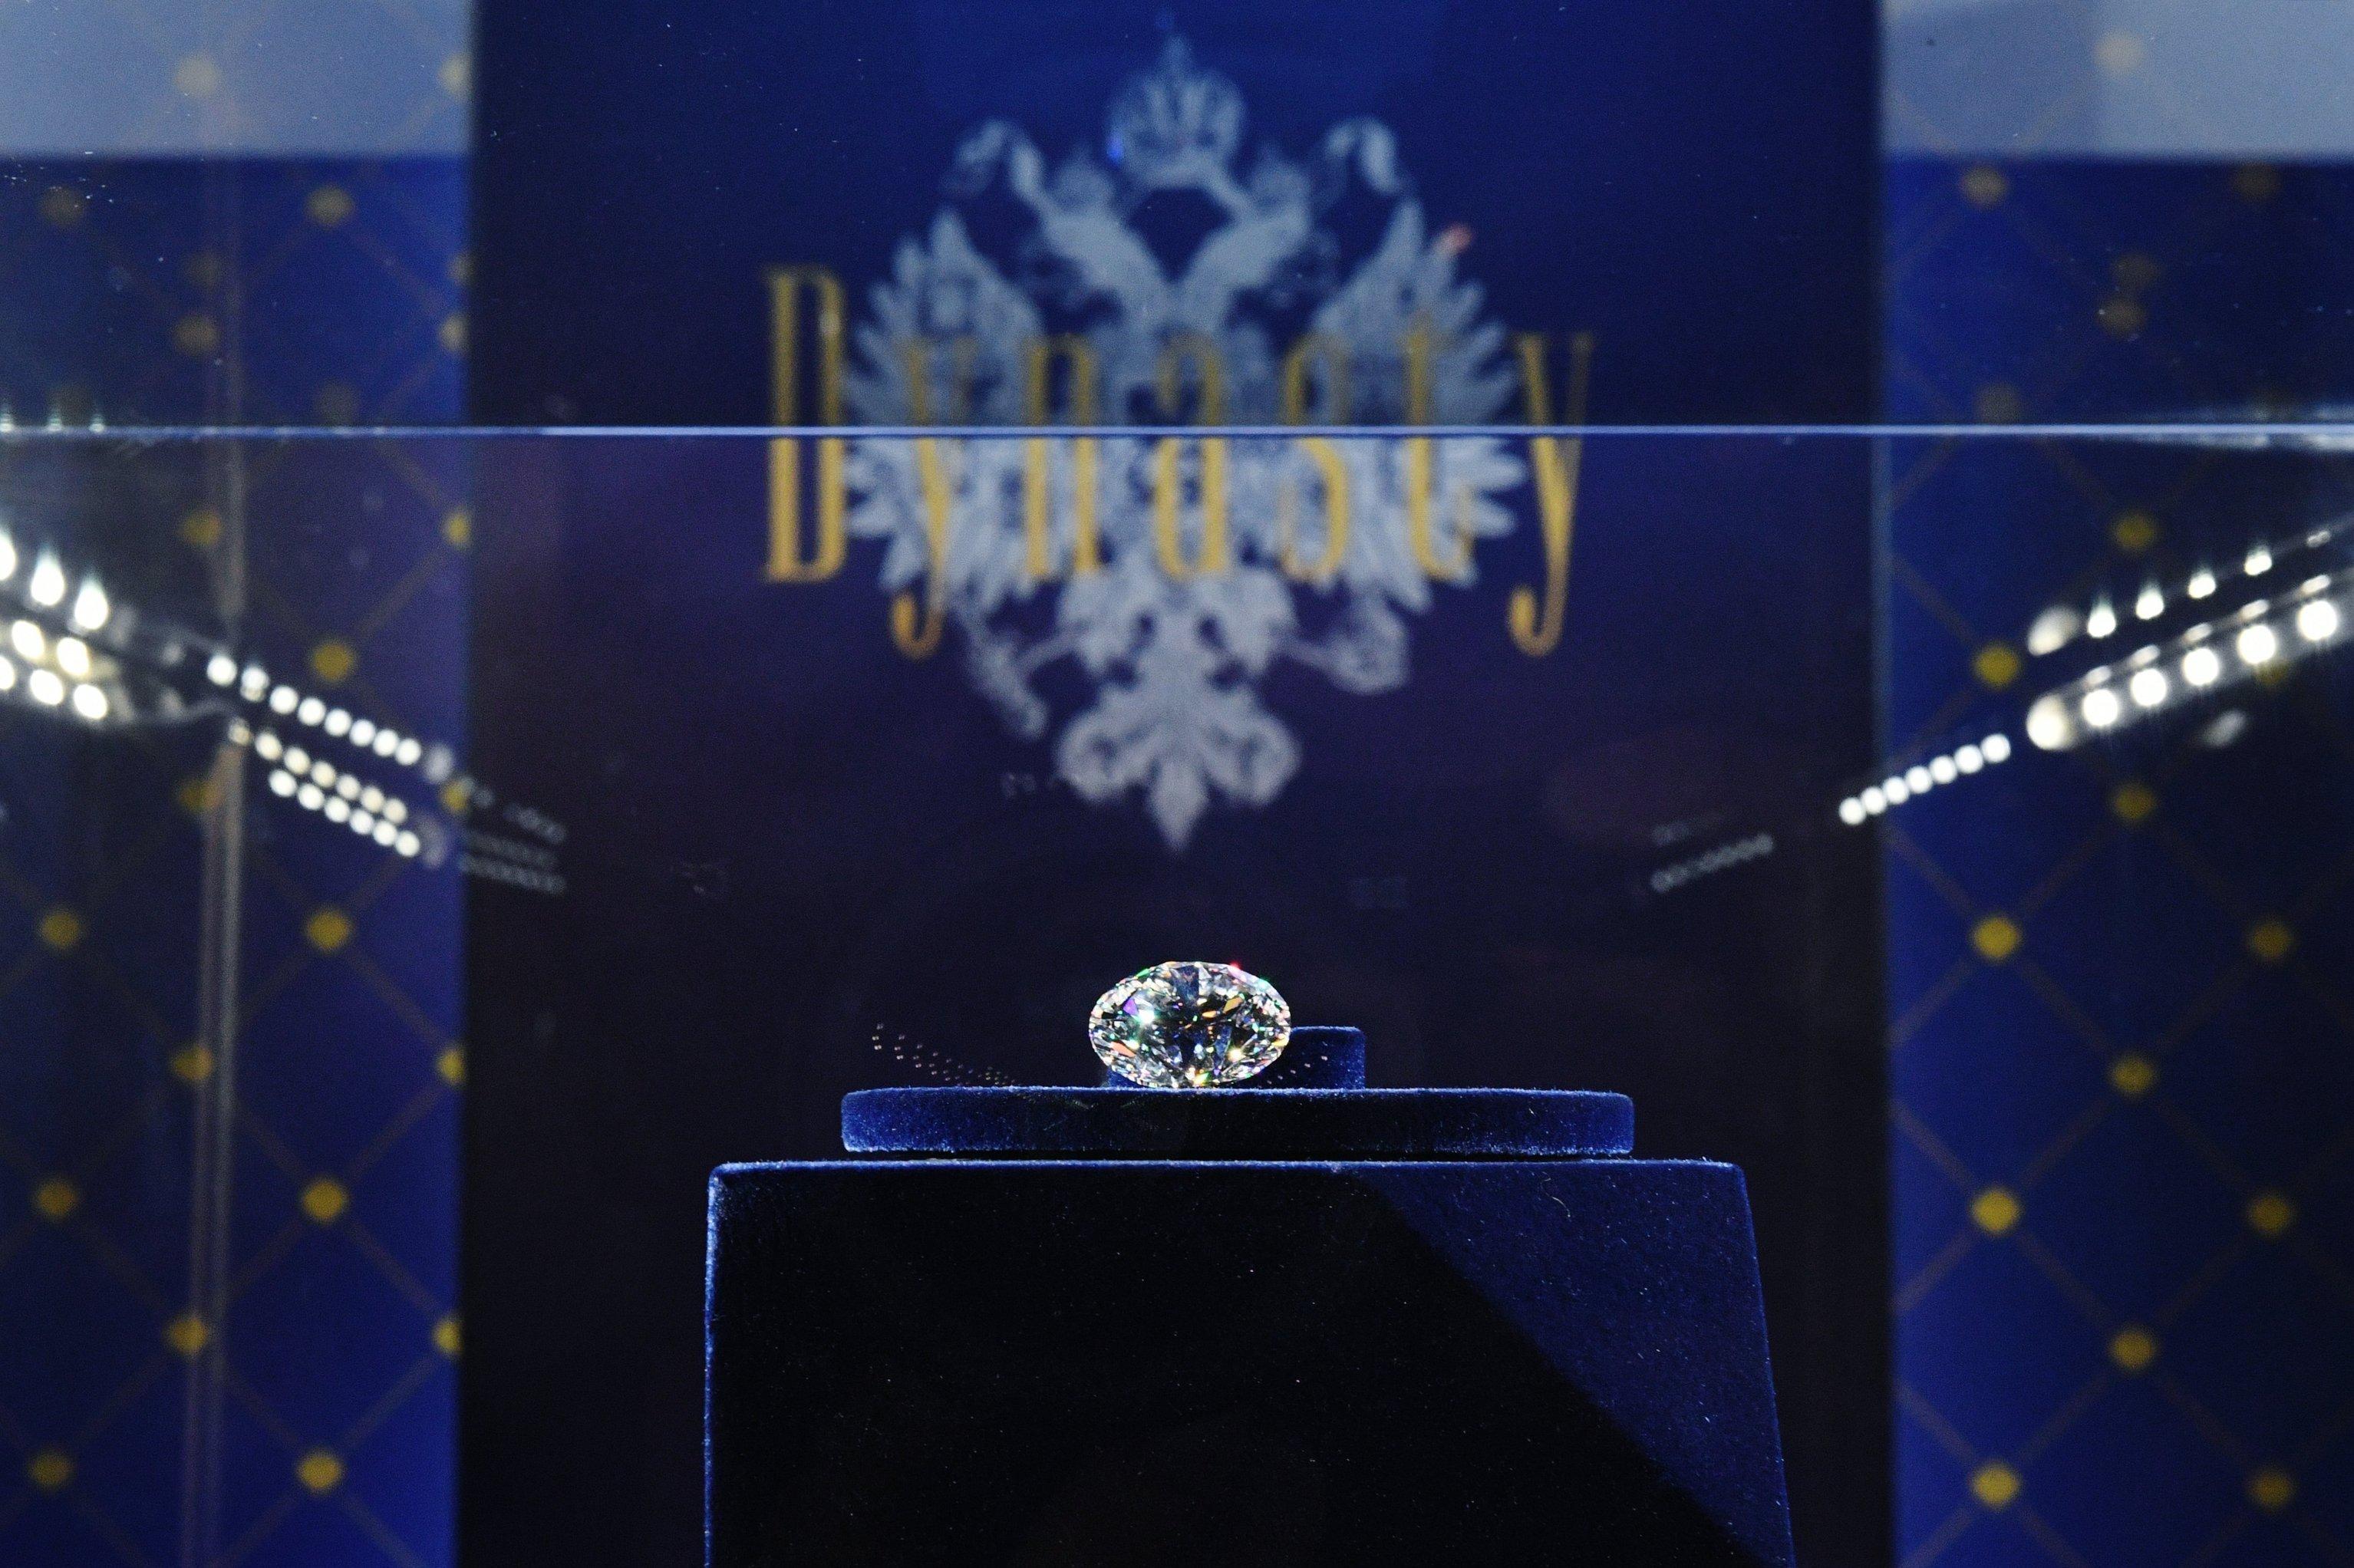 Закрытый показ коллекции бриллиантов Династия в Москве